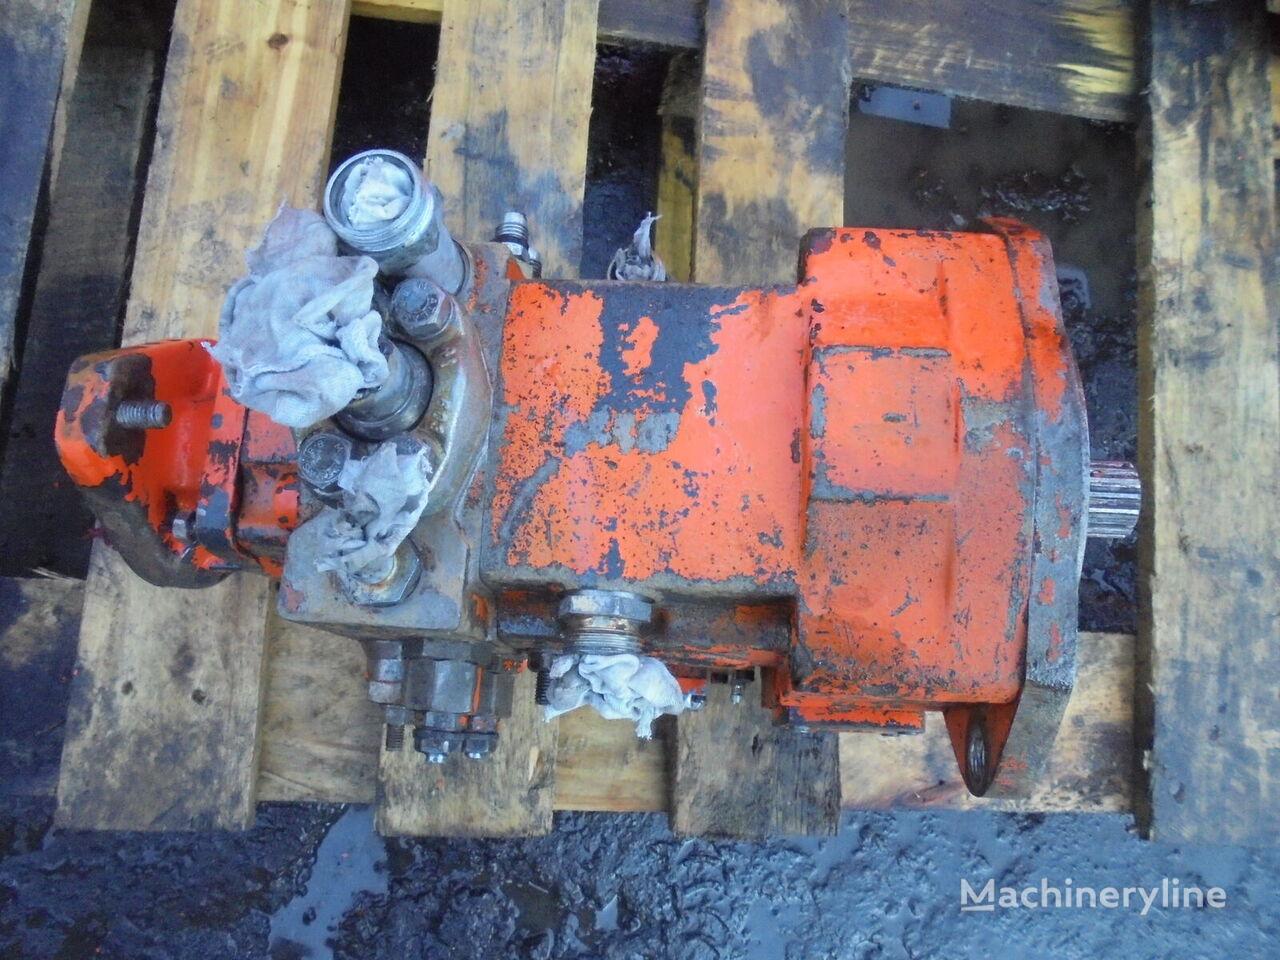 pompa hydrauliczna FV 360750 08/96 405946 do miniładowarki